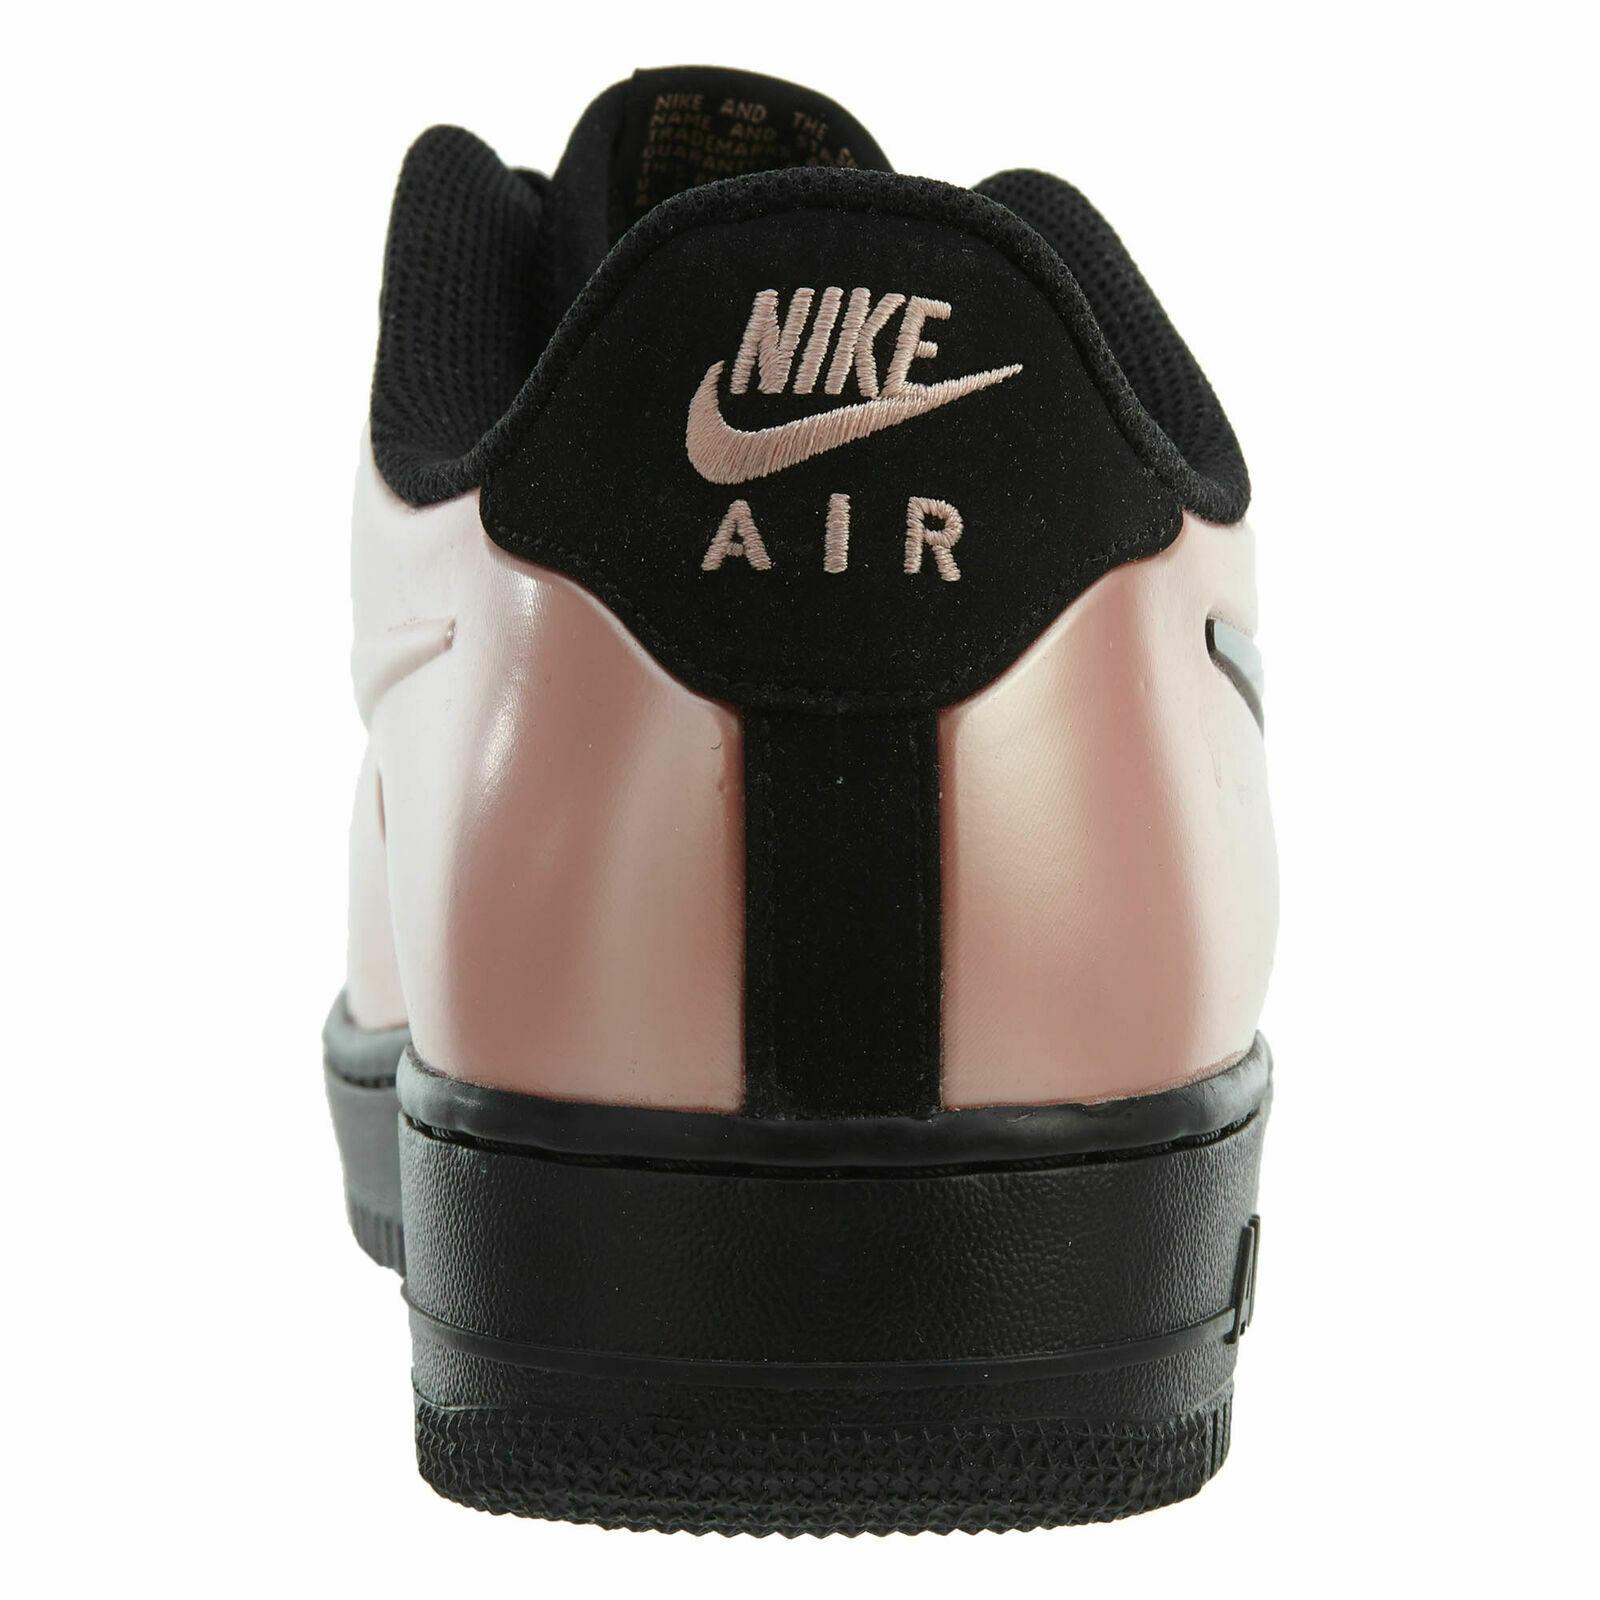 Nike Air Force 1 Schiuma pro Coppa Rosa Corallo/Nero Uomo Taglia 10 Nuovo